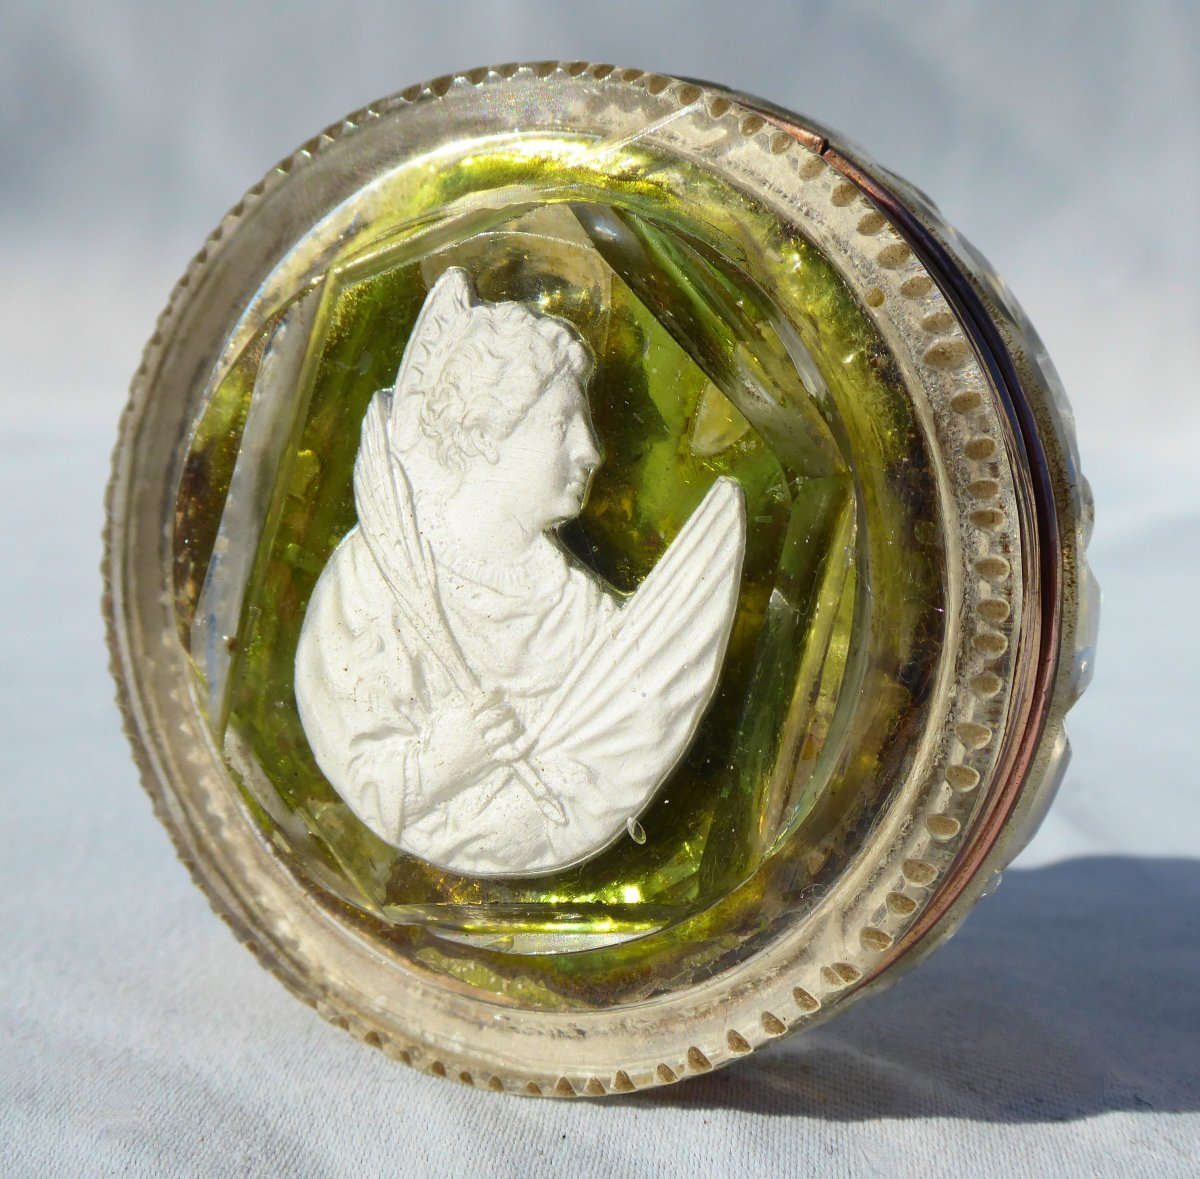 Reliquaire En Cristallo Cerame Epoque 1820 Sulfure Cristallo-cérame Baccarat XIXe PAPEROLLES